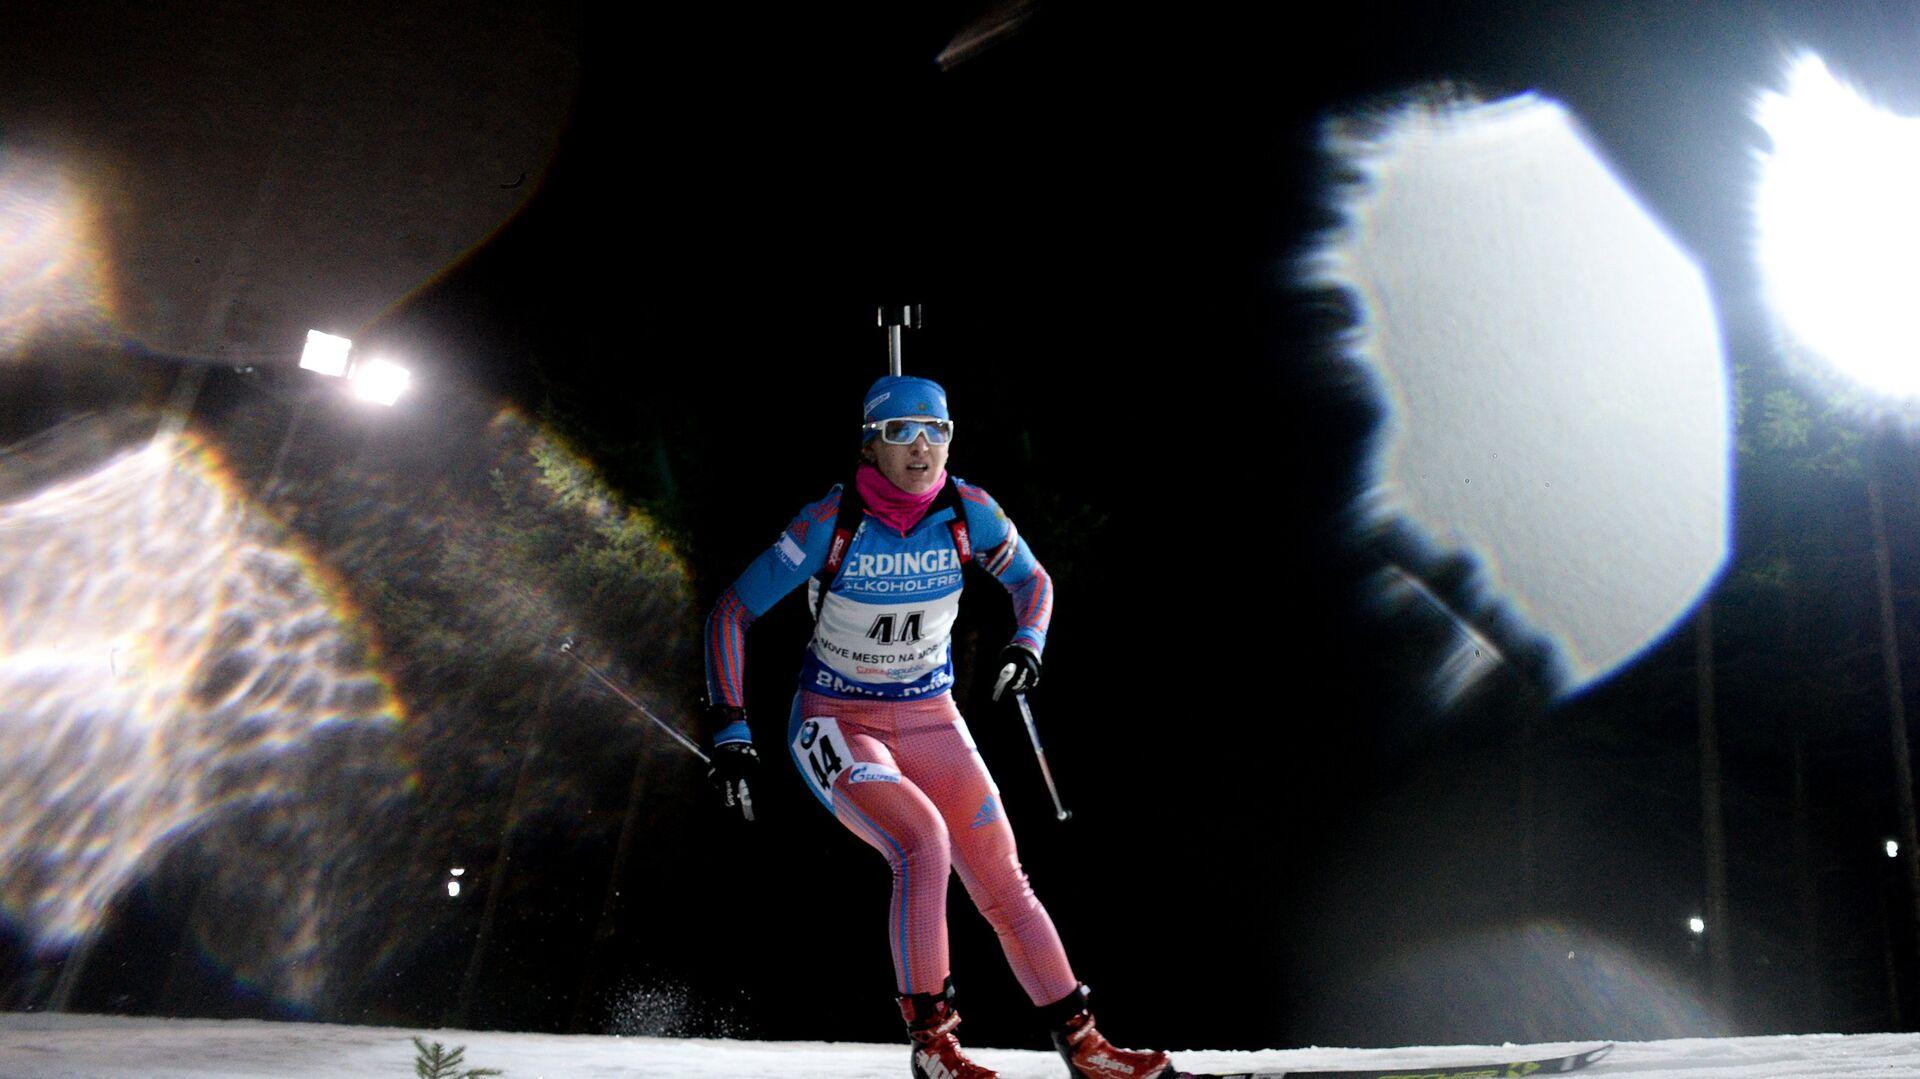 Екатерина Глазырина на дистанции спринтерской гонки на третьем этапе Кубка мира - РИА Новости, 1920, 07.10.2020